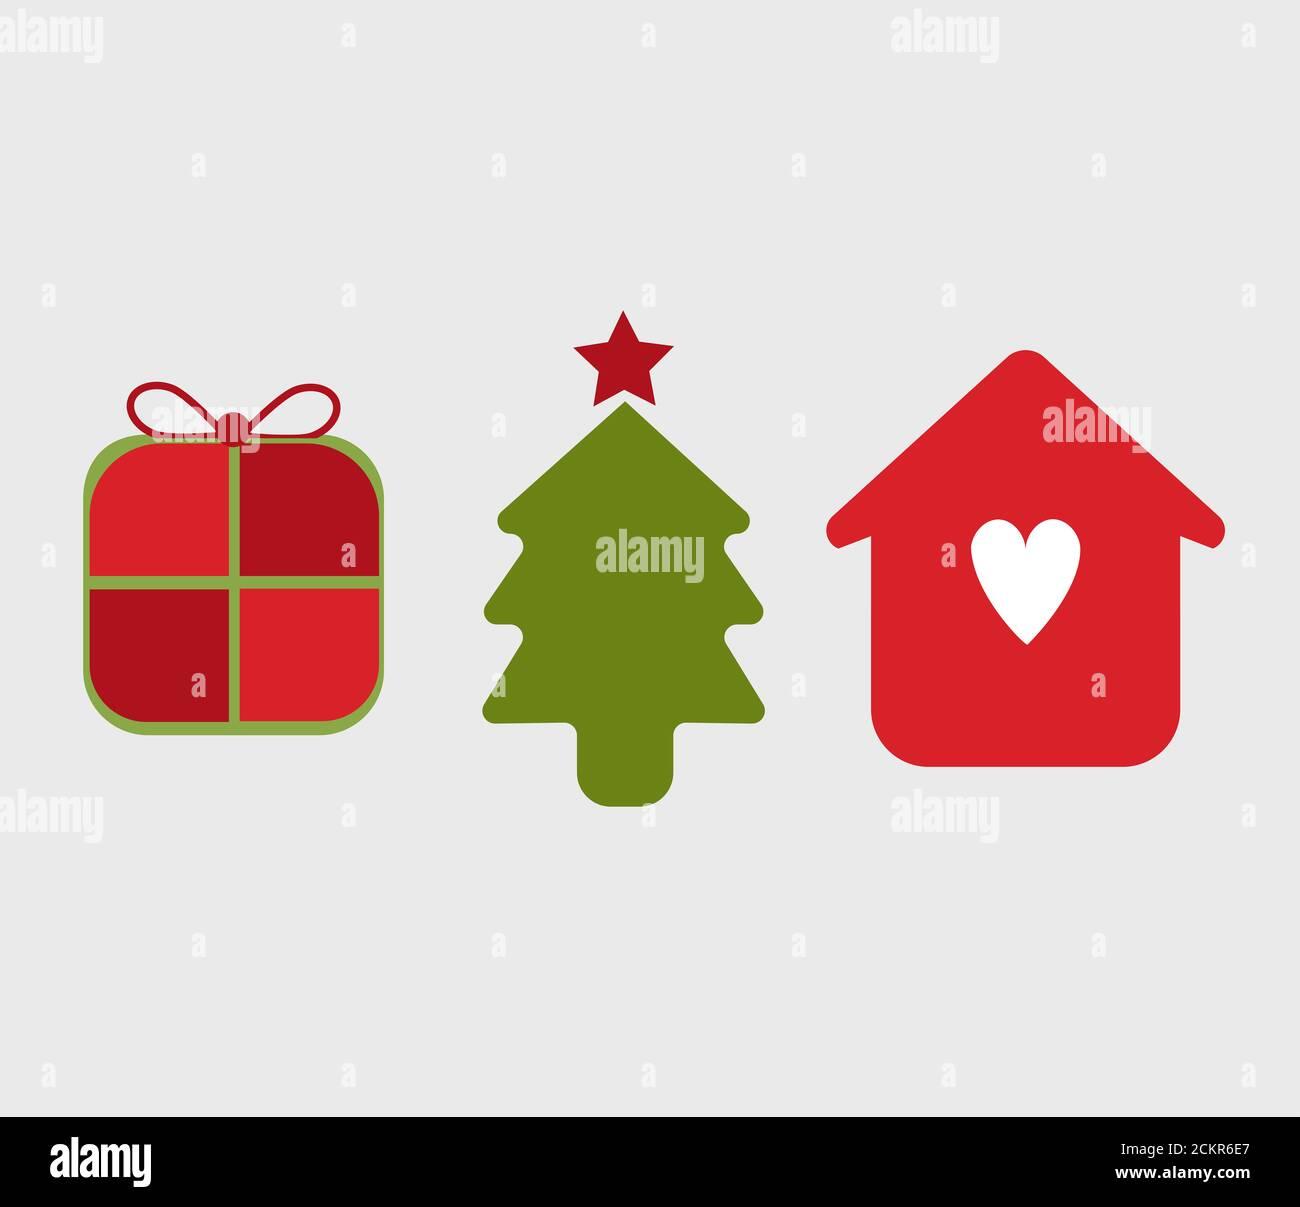 Ilustración de los iconos de TI, símbolos de la temporada de Navidad. Árbol de Navidad, paquete de regalo y familia con amor. Aislado en el fondo Foto de stock